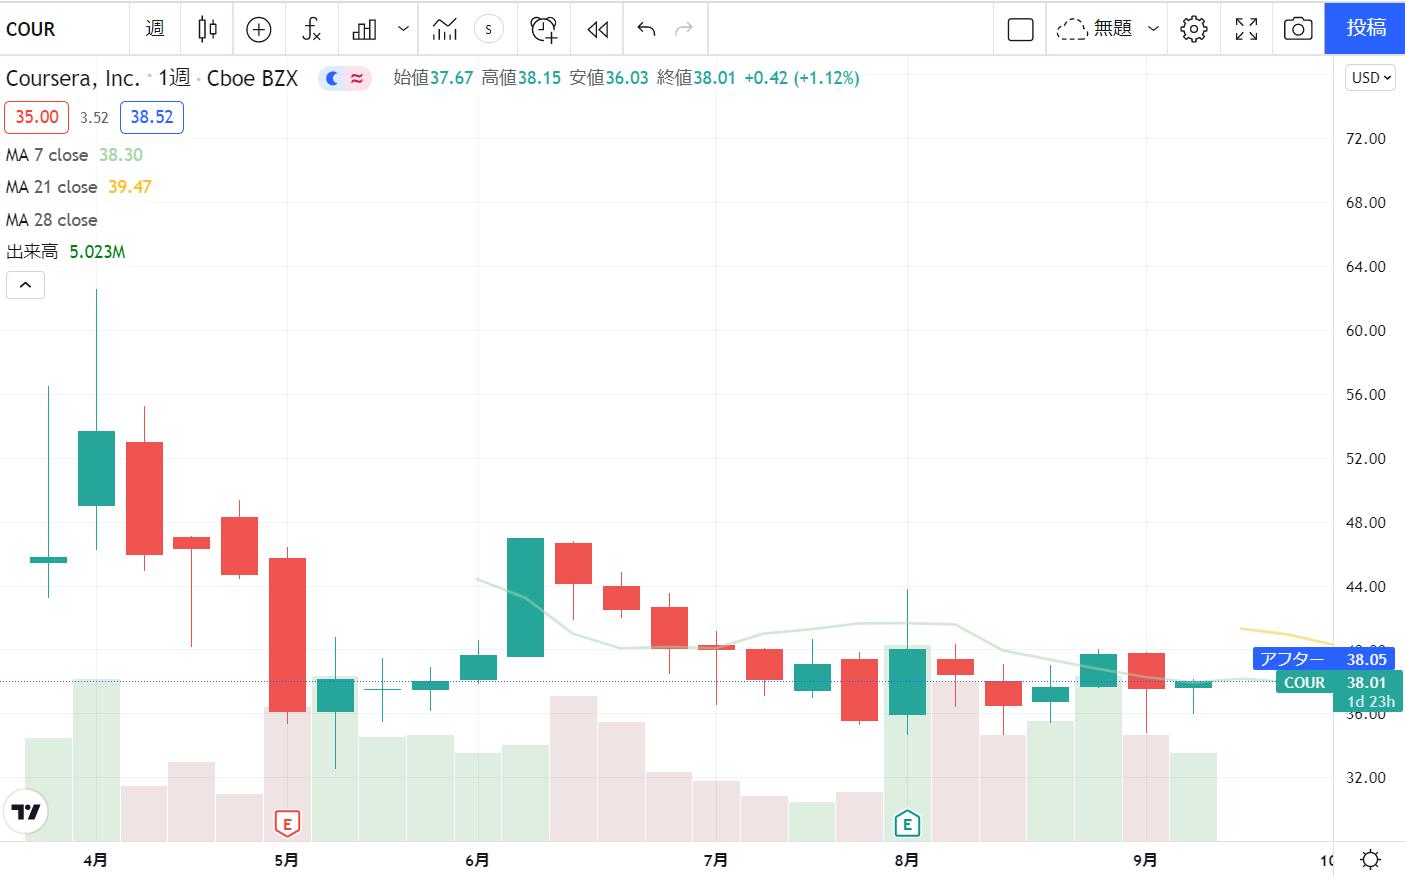 コーセラcourseraCOURの株価チャート(週足)